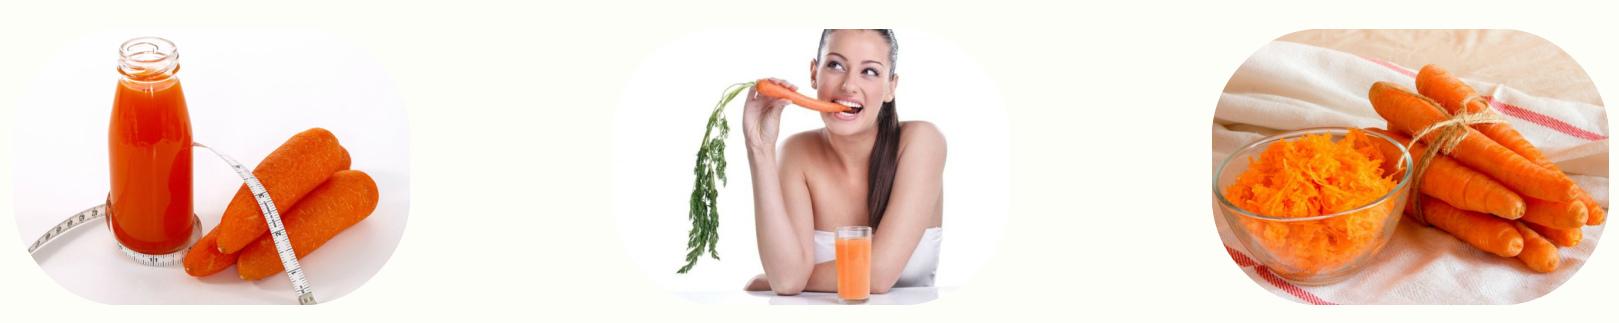 Приготовление моркови